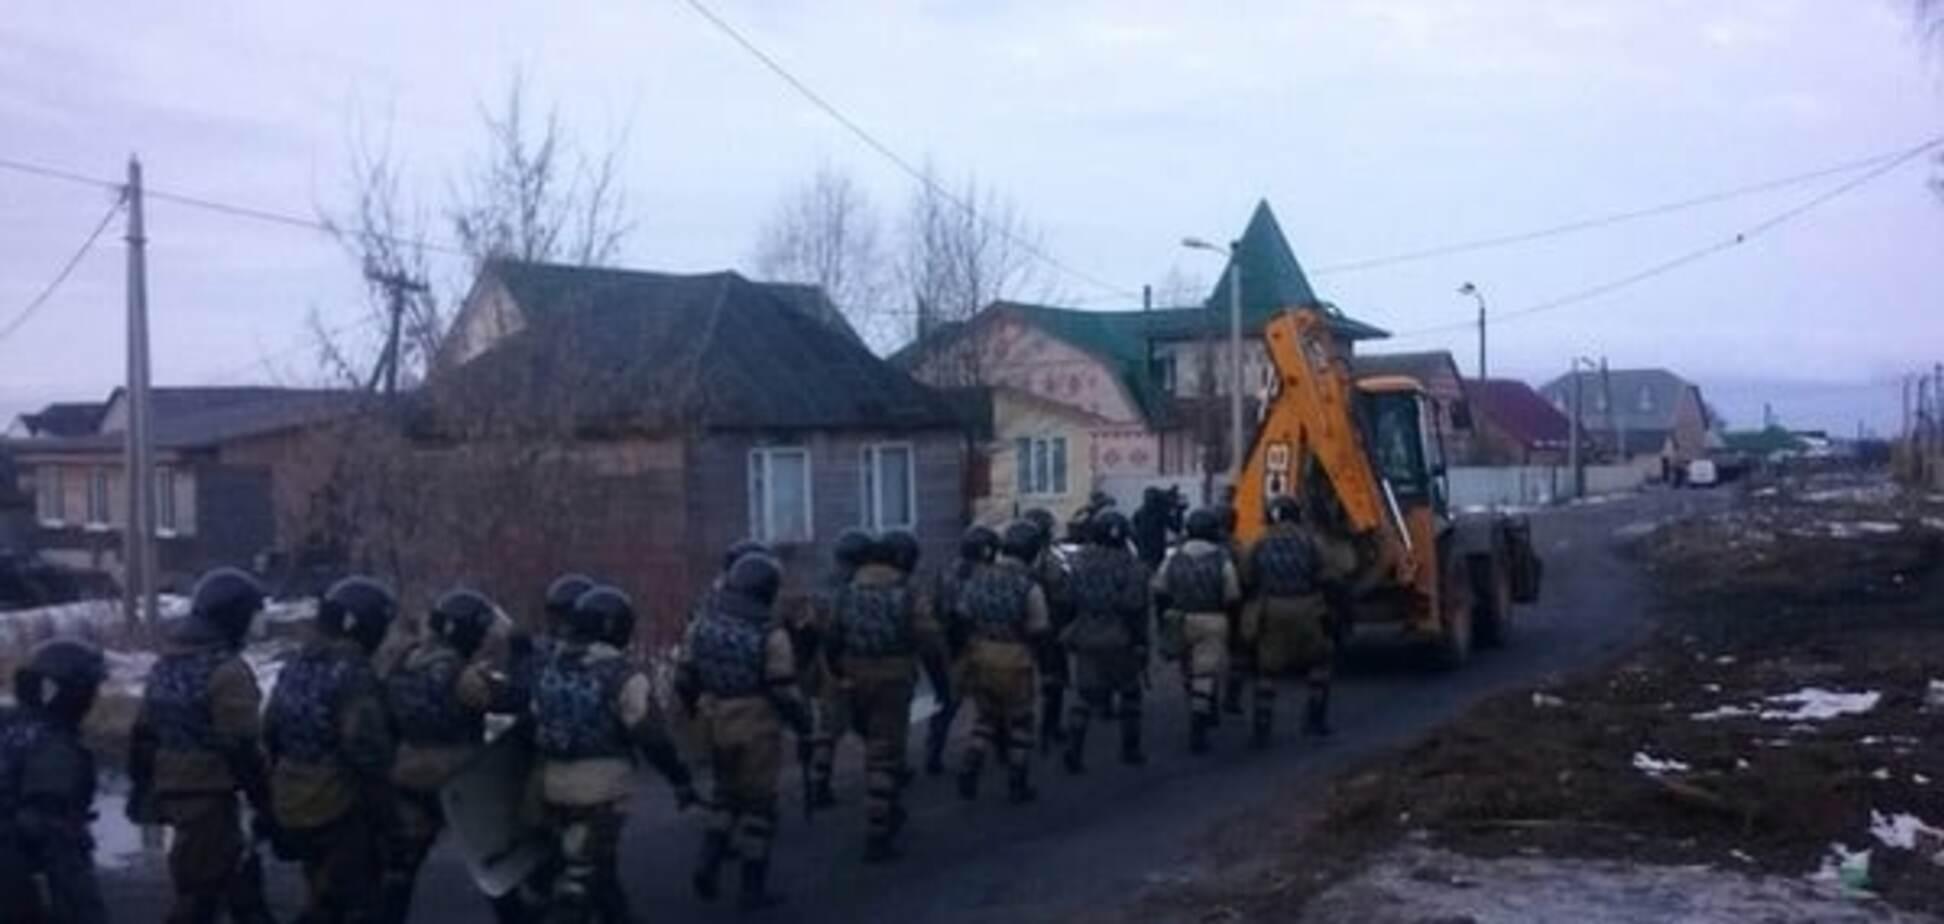 У Росії влада кинула півтисячі силовиків на придушення 'циганського бунту': опубліковані фото і відео